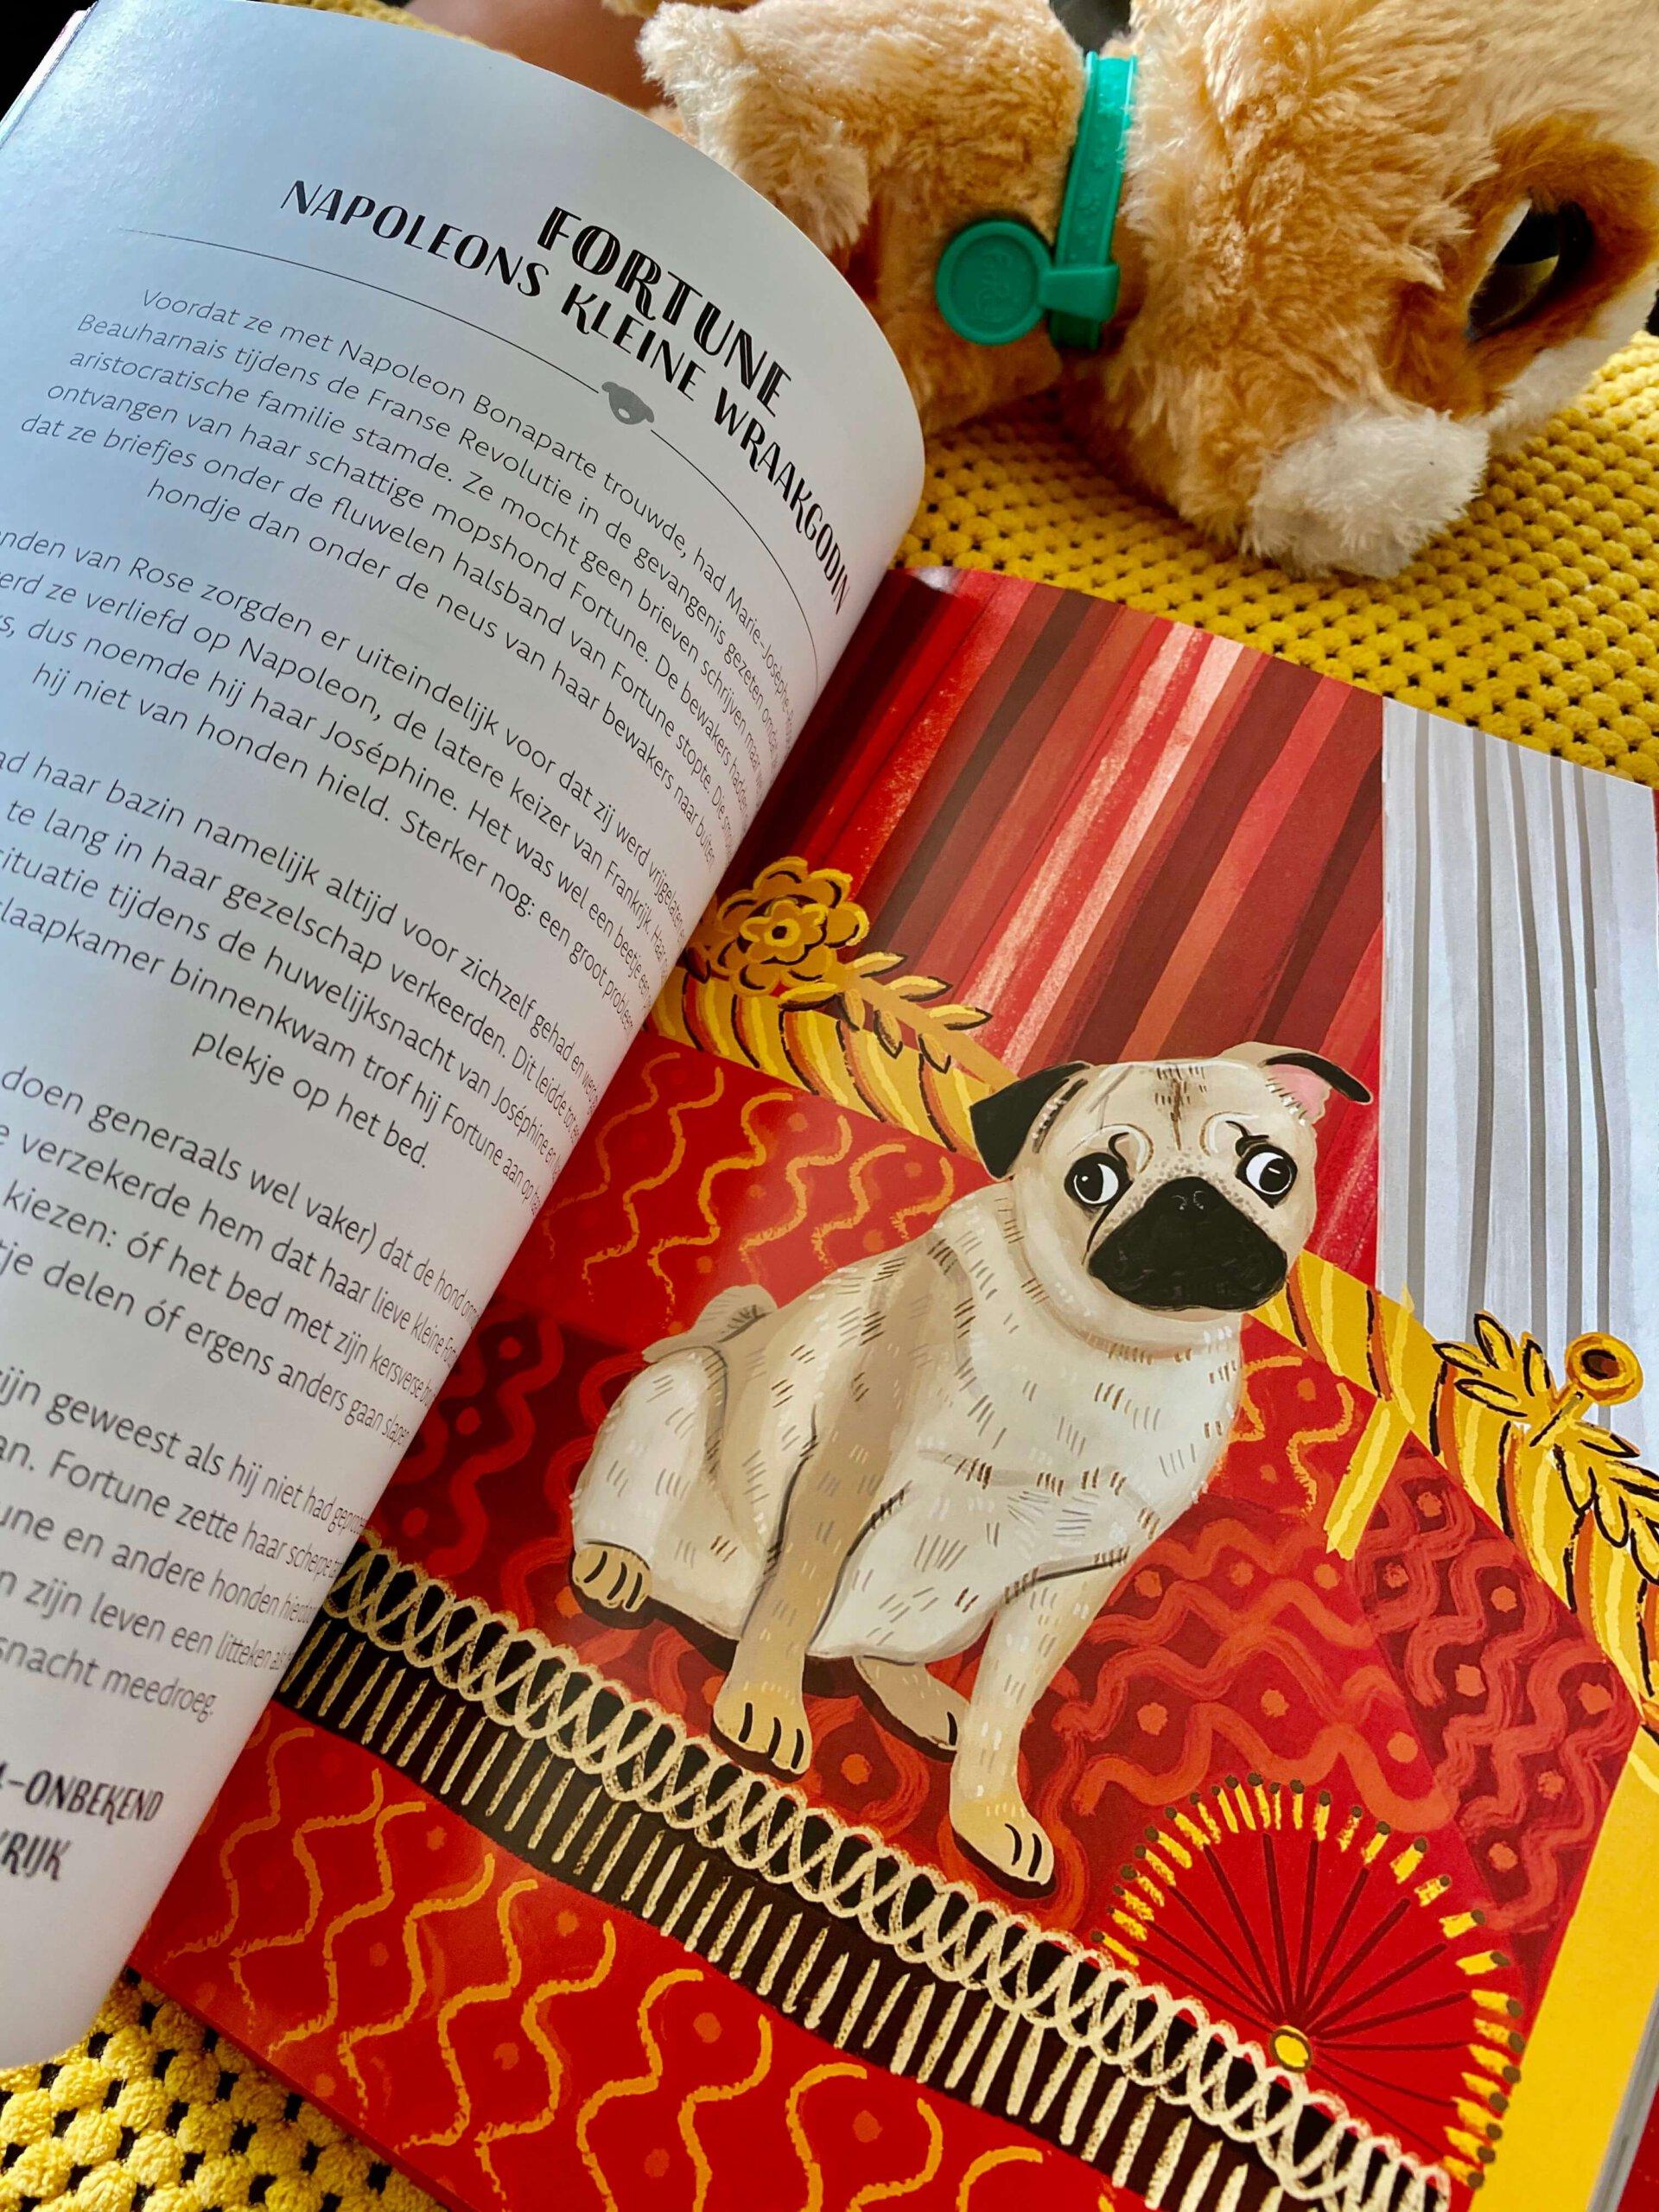 rebelse honden, trouwe viervoeter, honden, katten, boek